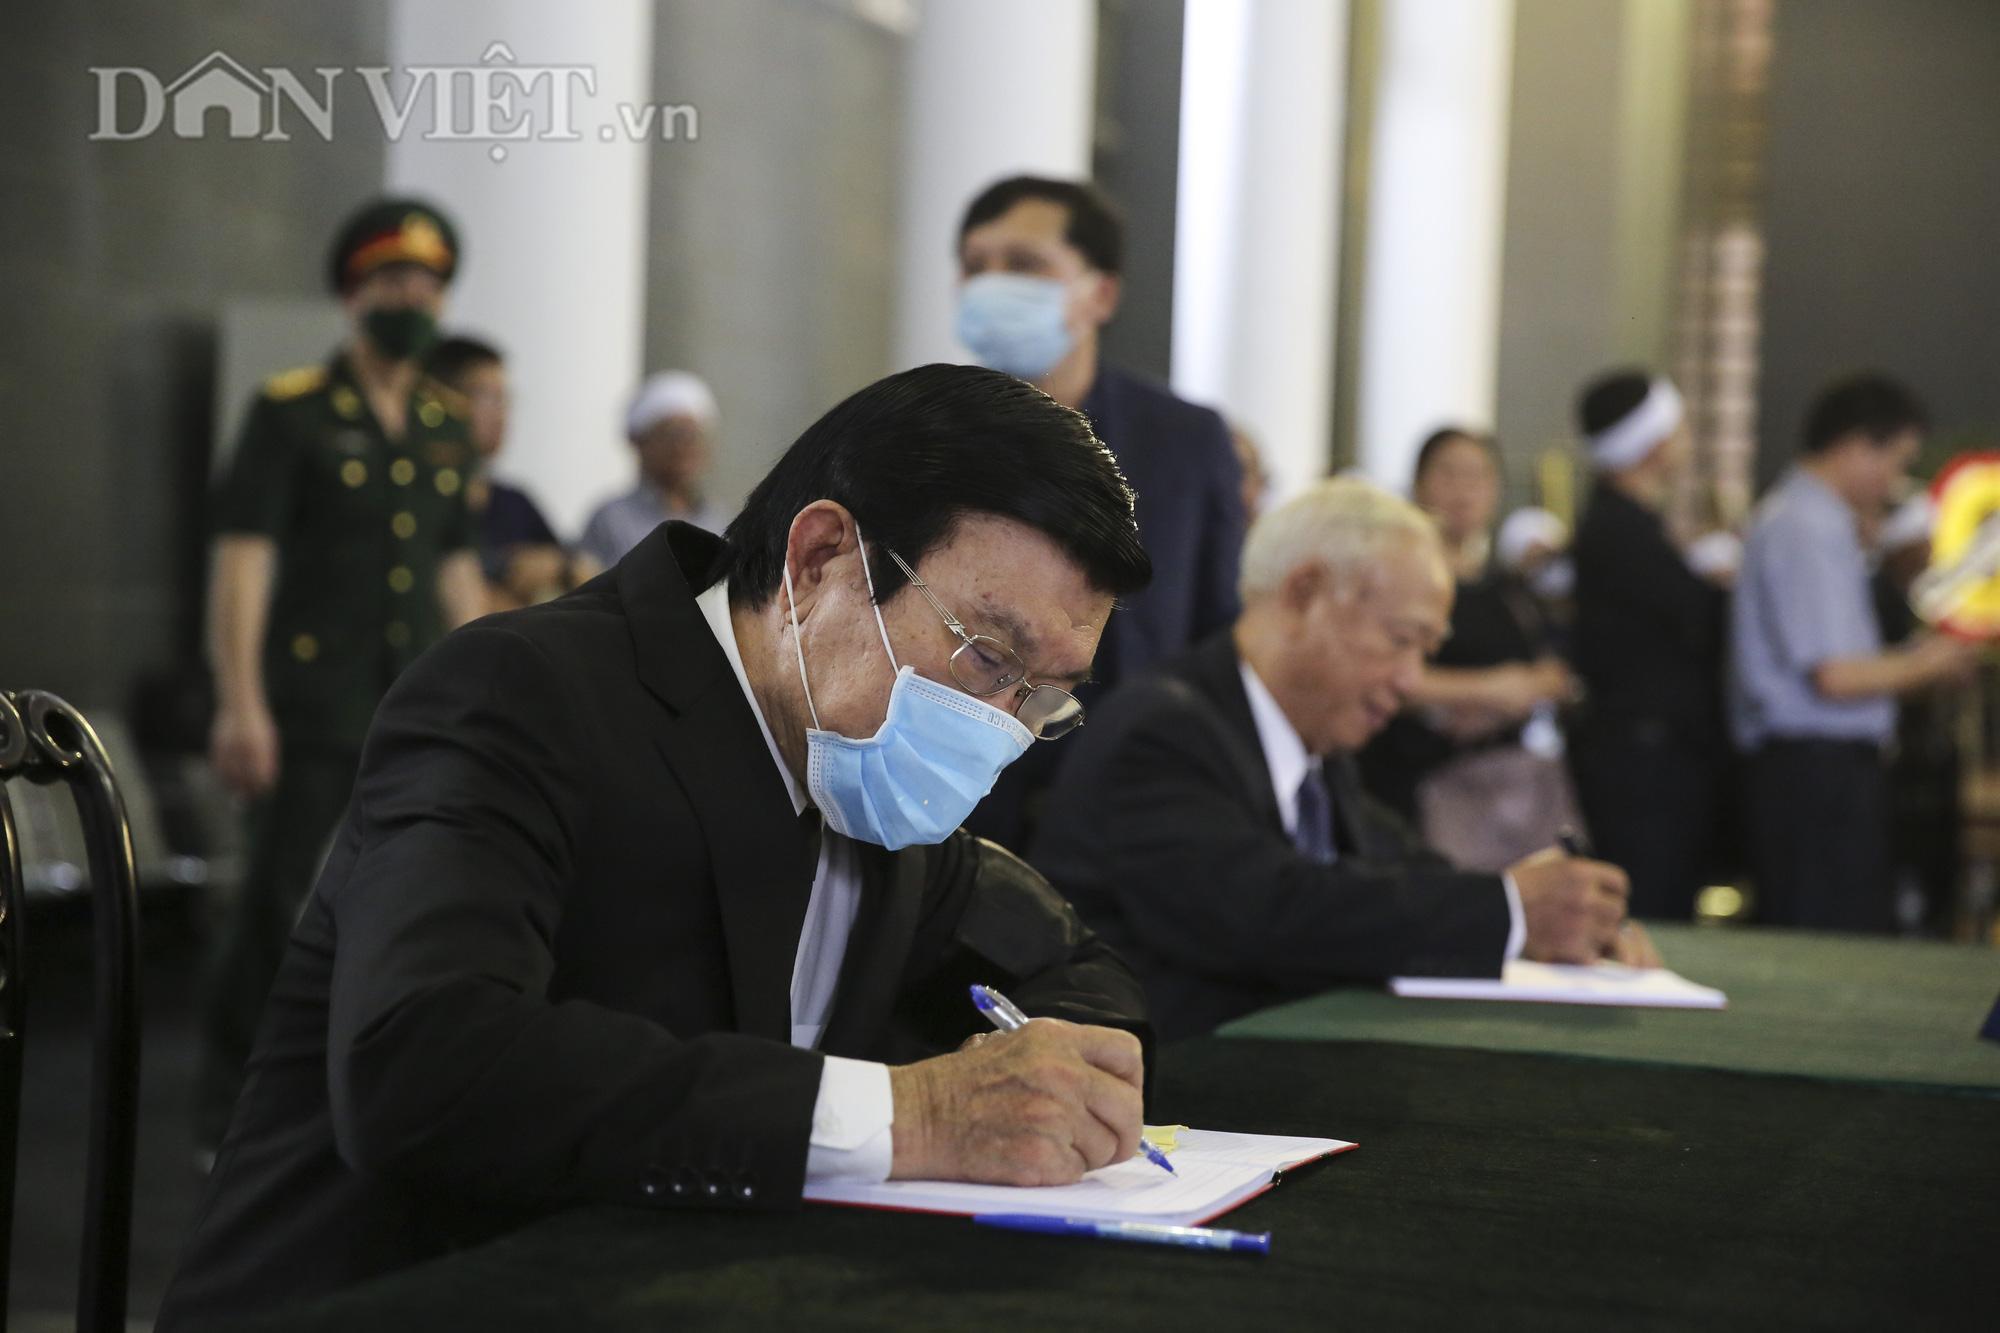 Thủ tướng đến viếng, tiễn đưa đồng chí Nguyễn Đình Hương - Ảnh 12.